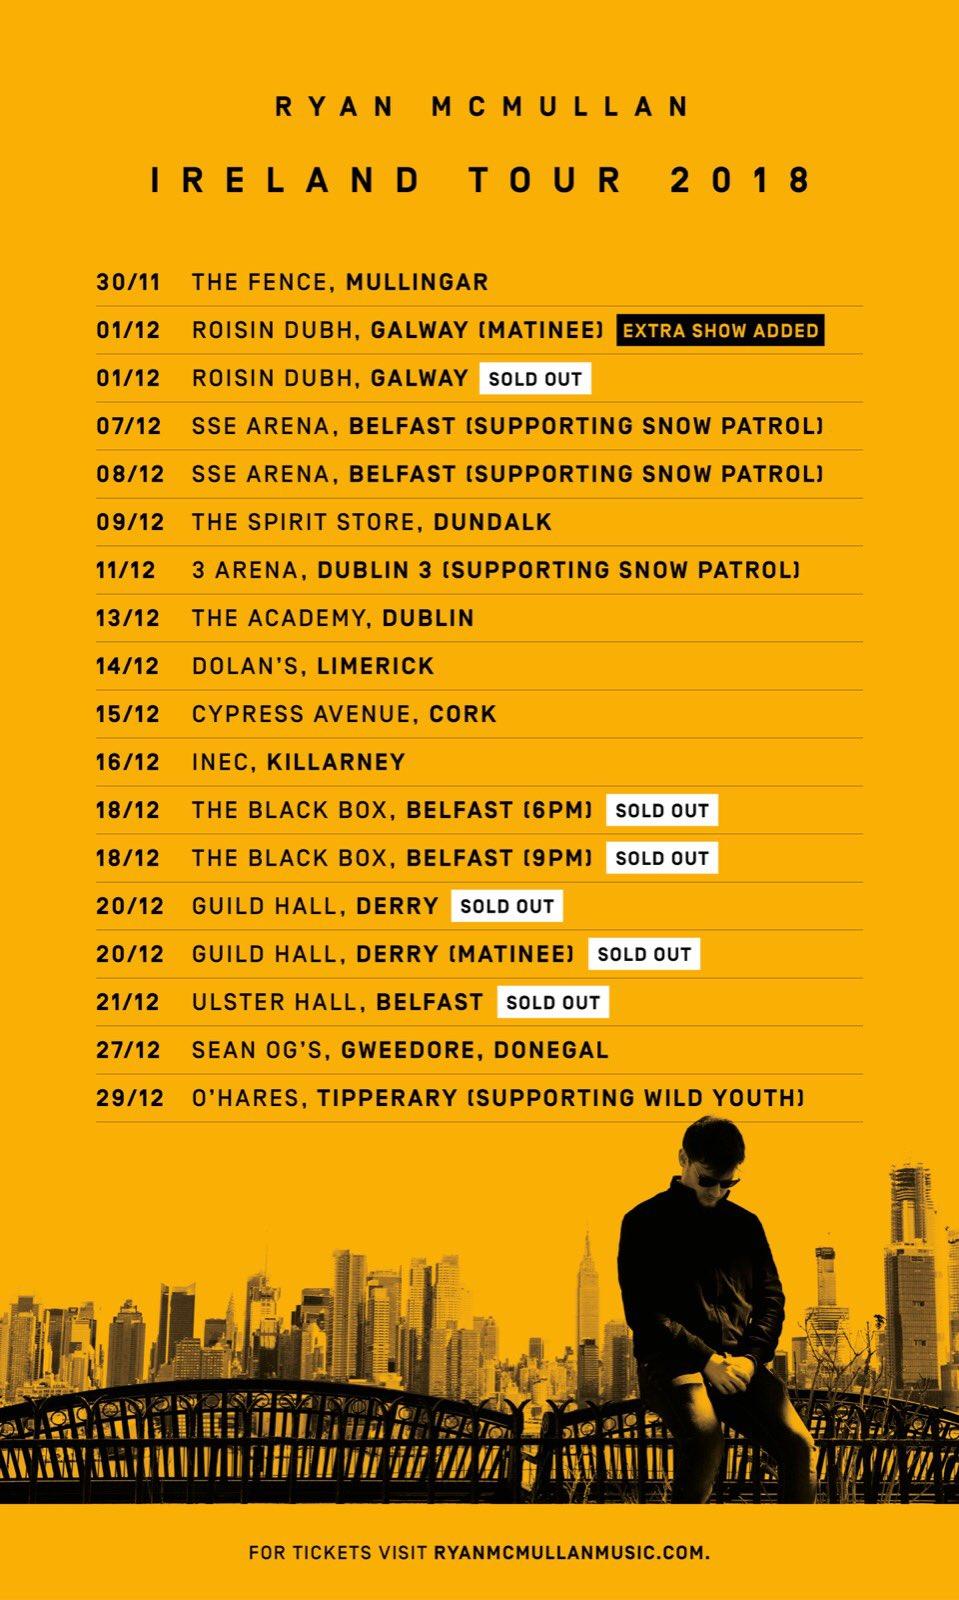 Ryan McMullan live gig dates